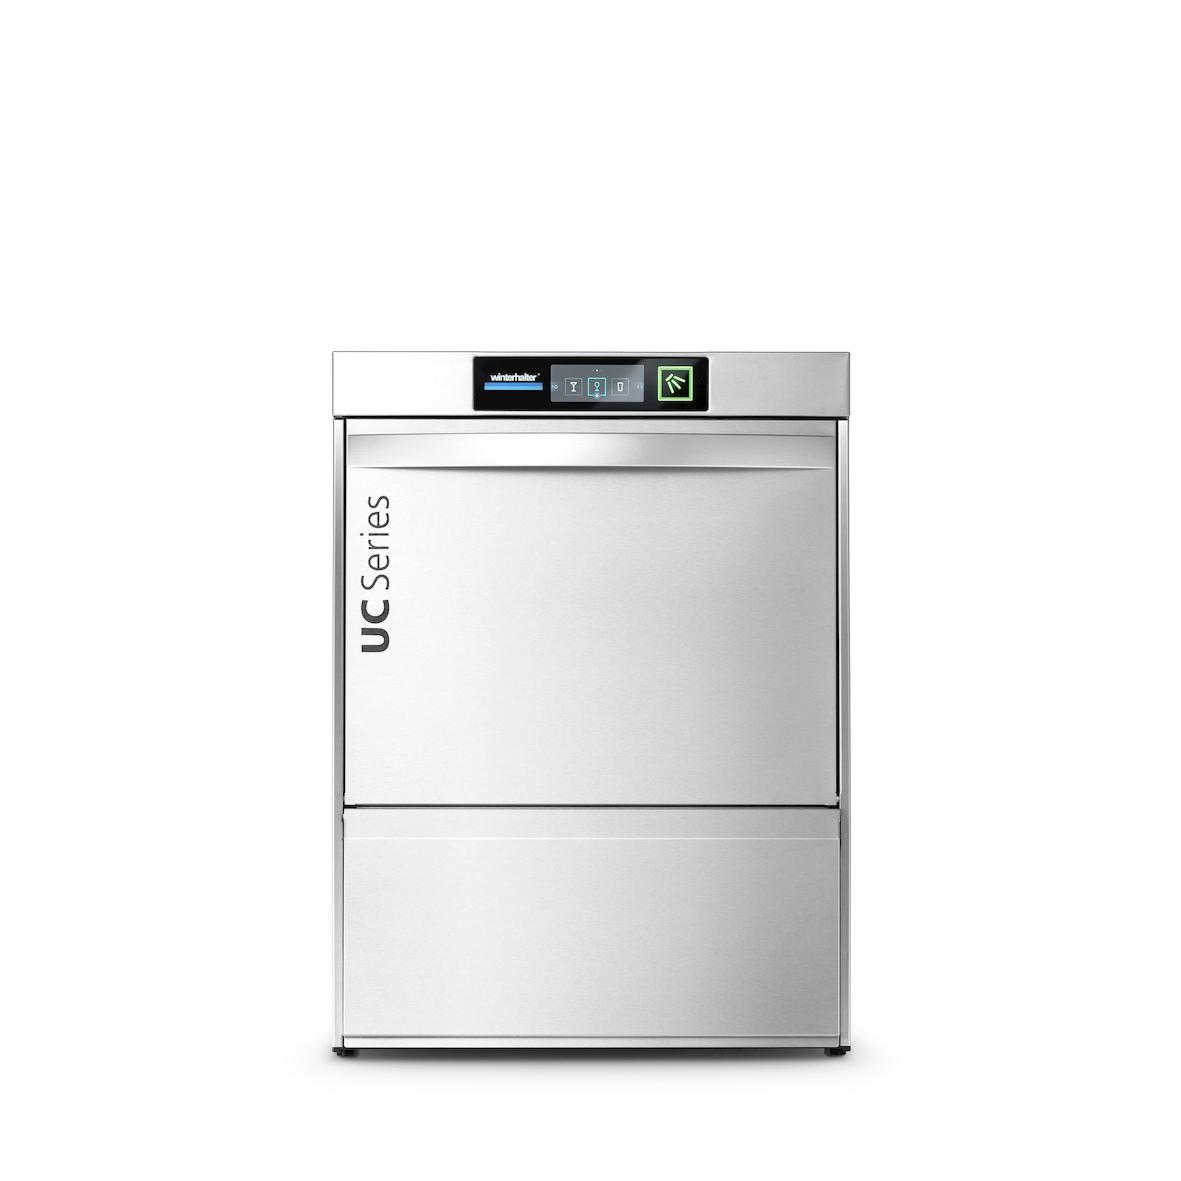 UC-L - voorlader vaatwasmachines